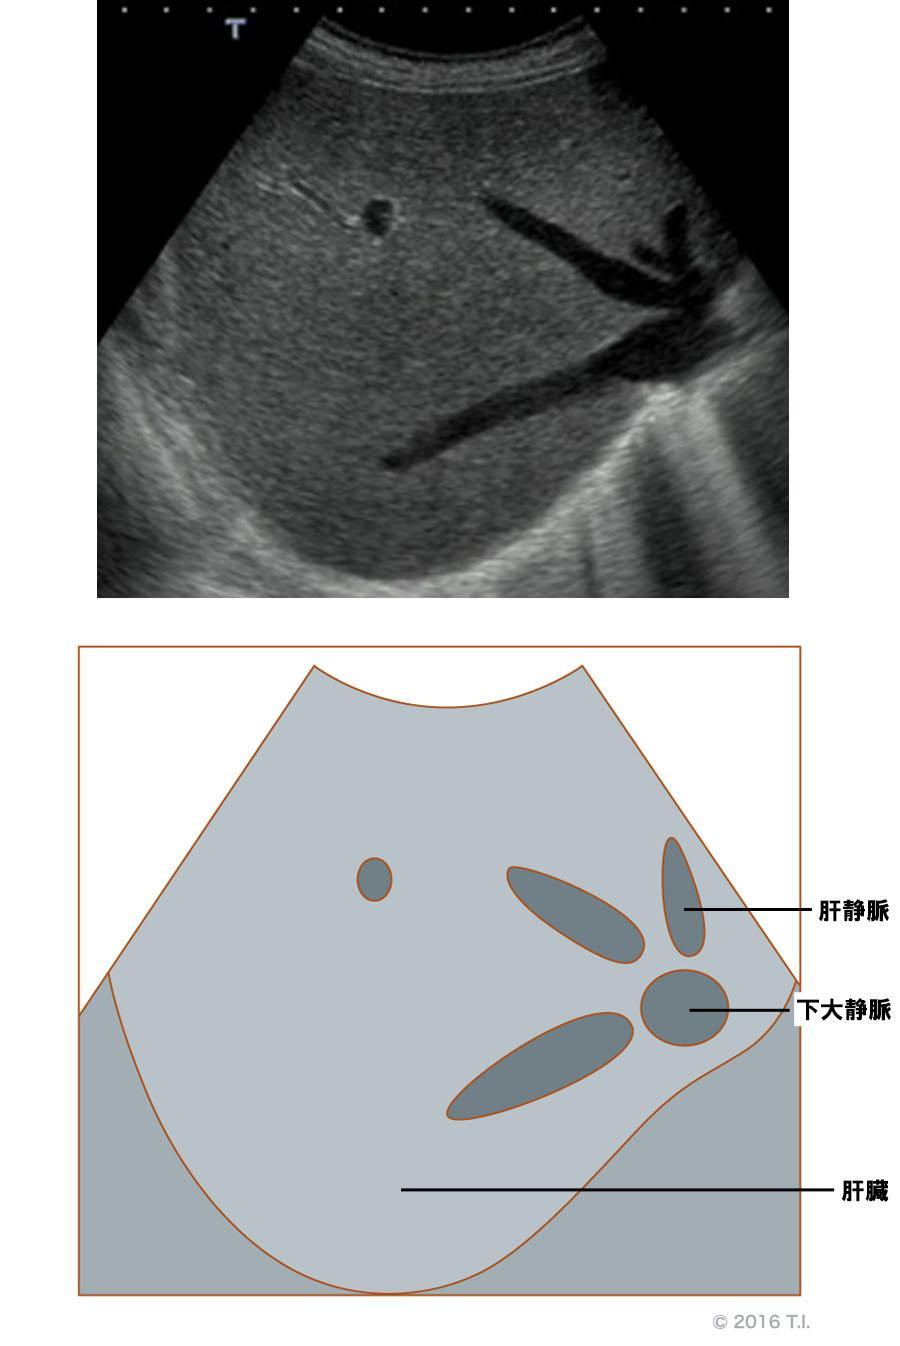 肝臓のエコー像とシェーマ像(2)